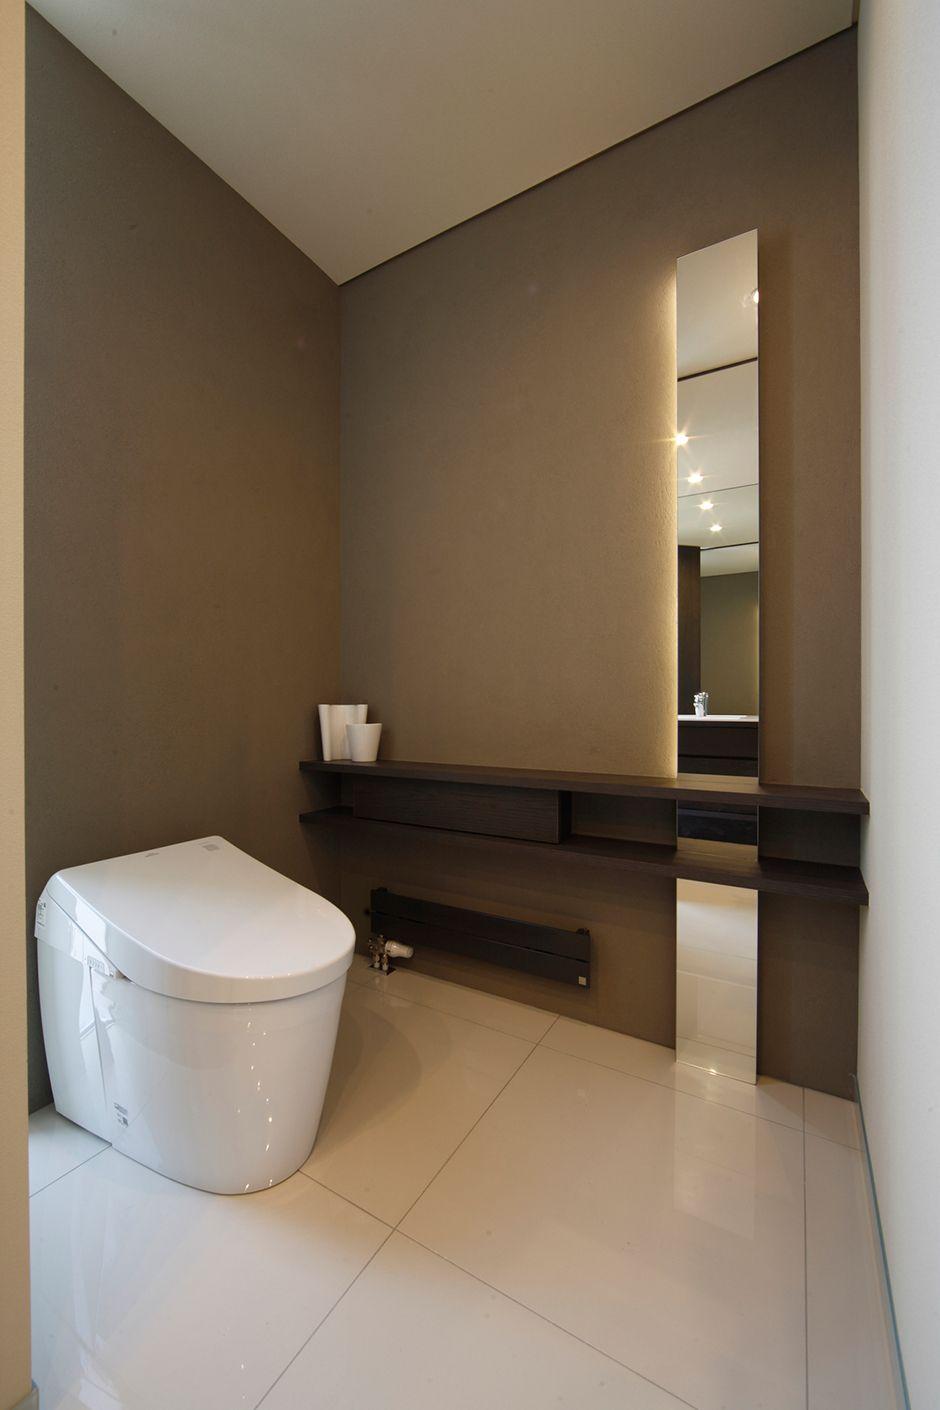 Collection 2015 Model House ケントコレクション ケント ハウス株式会社 北海道 札幌の注文住宅 トイレ おしゃれ トイレ インテリア バスルームのレイアウト